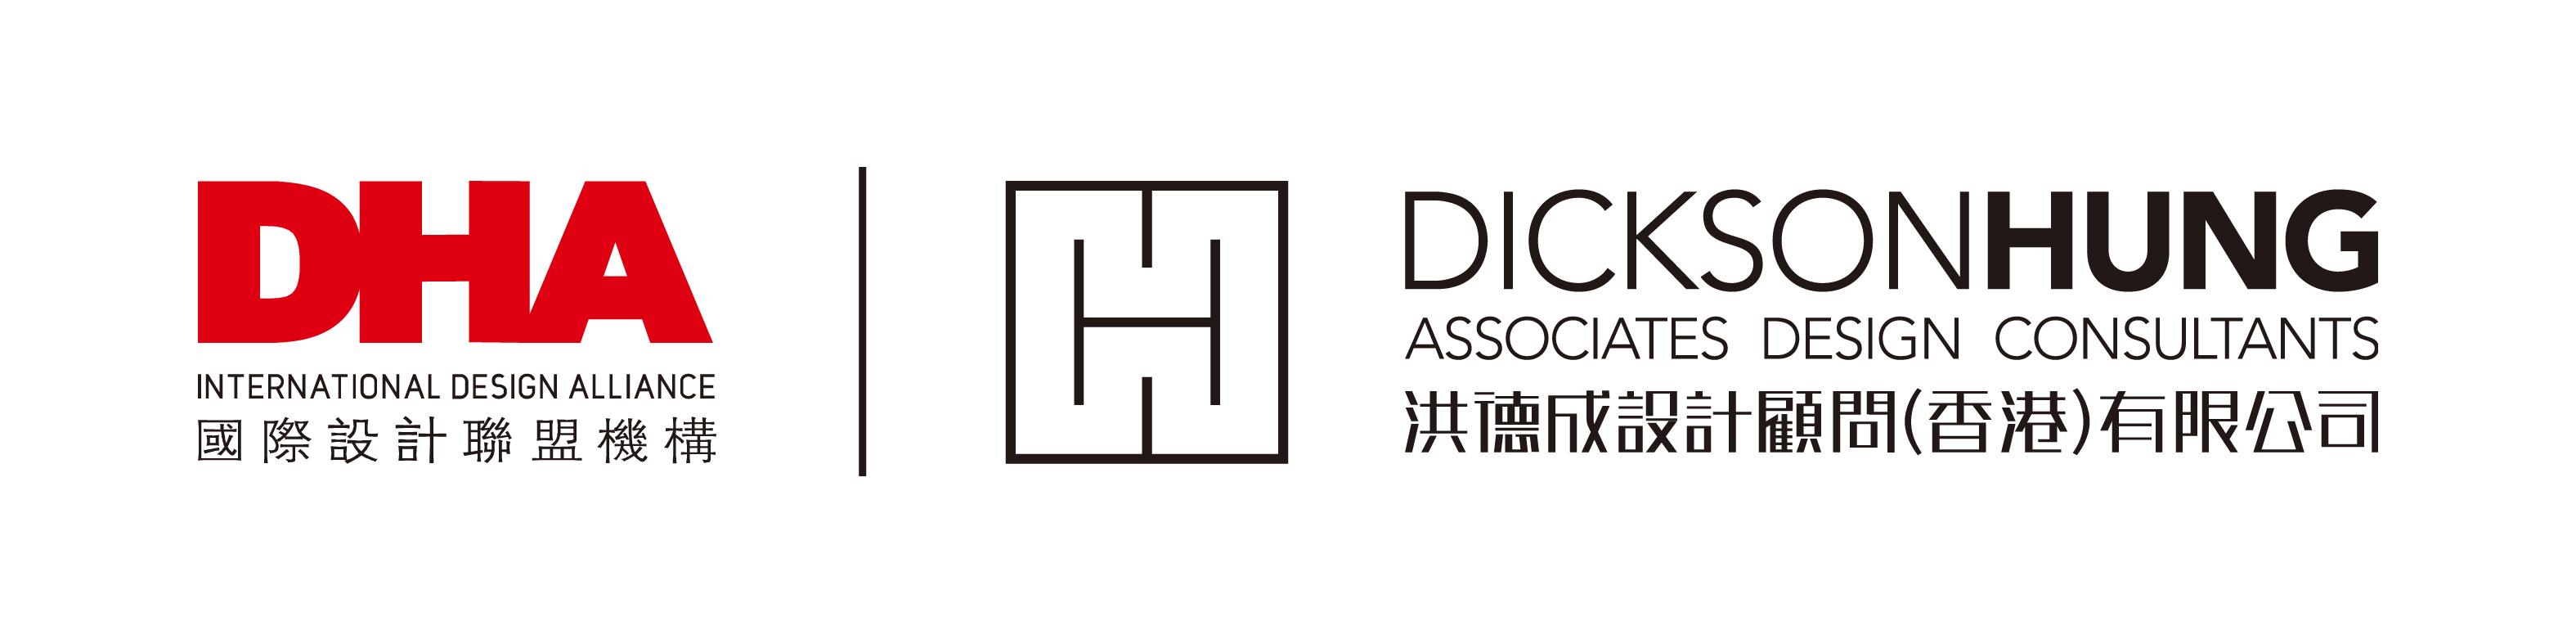 洪德成设计顾问(香港)有限公司